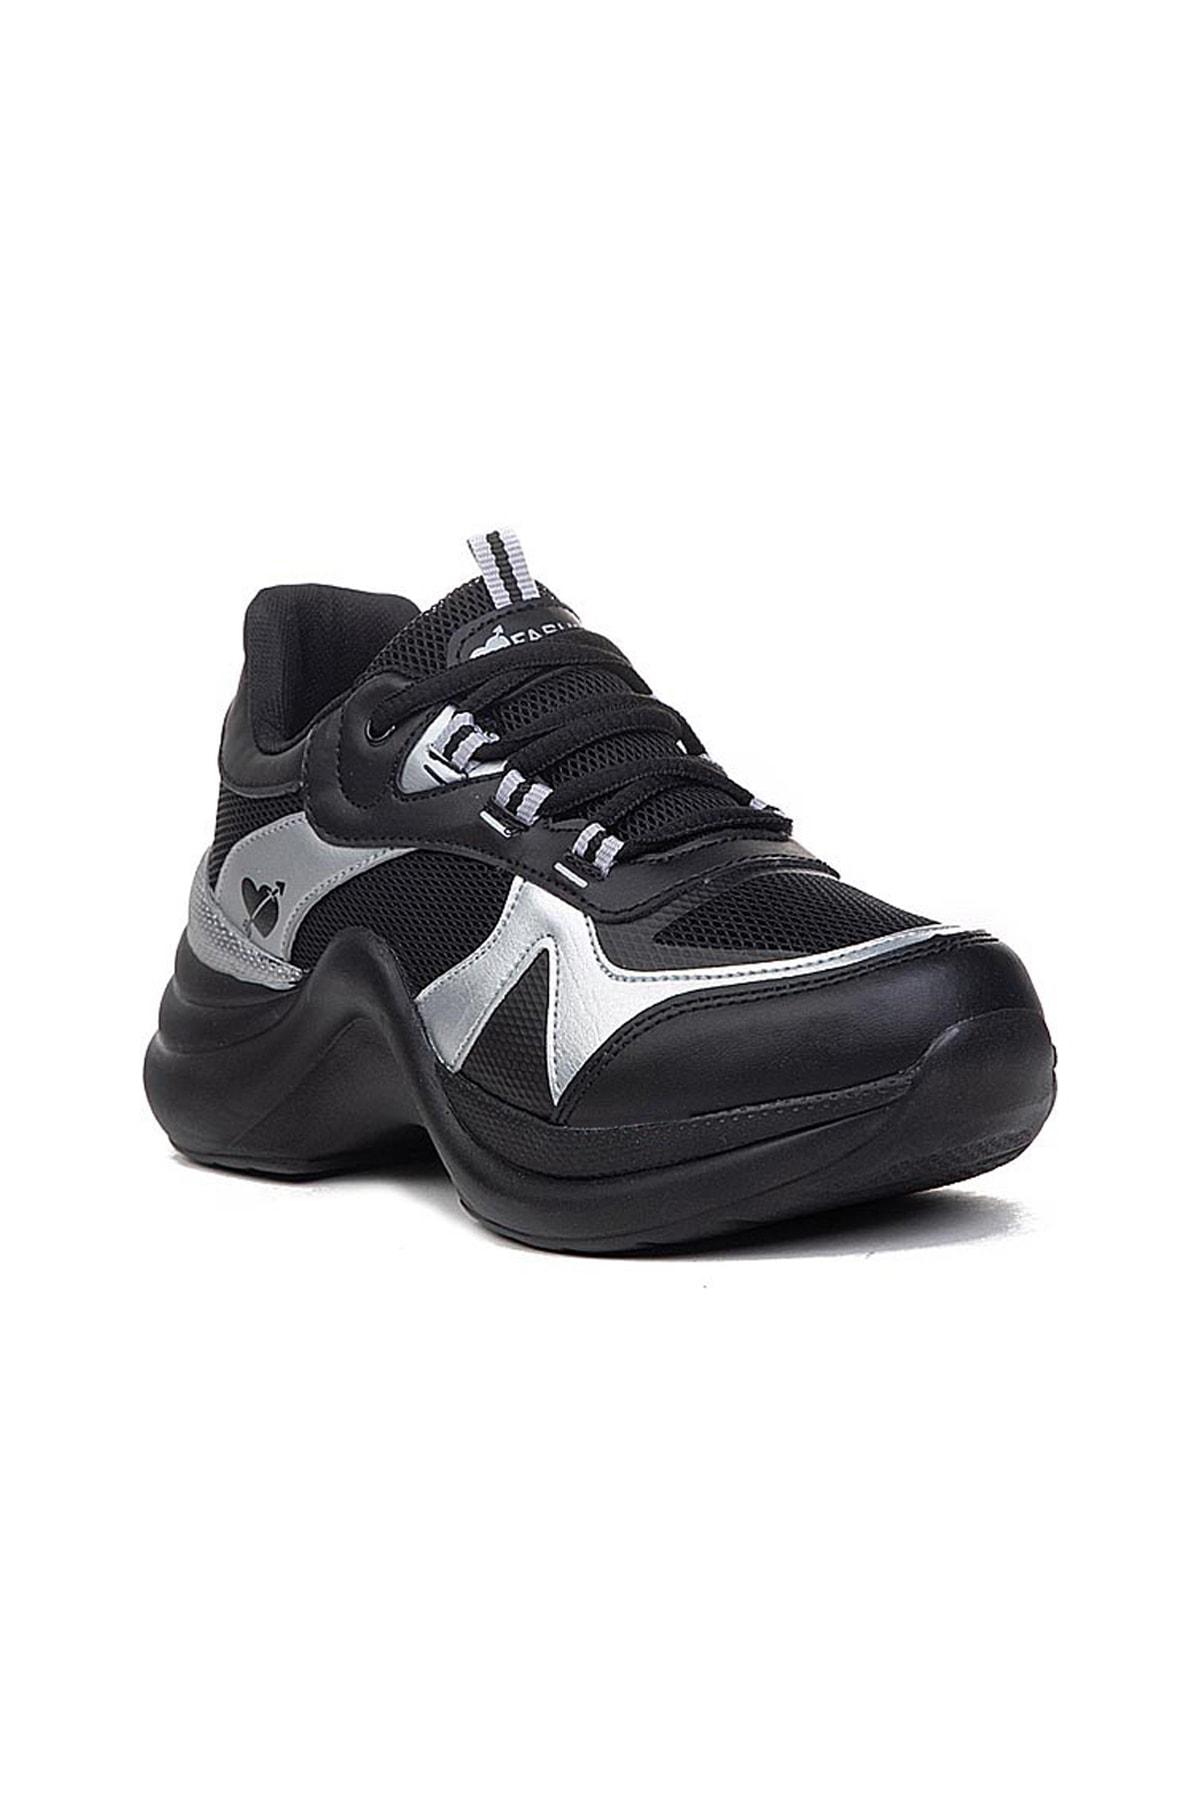 Twingo Kadın Bağcıklı Sneaker 1